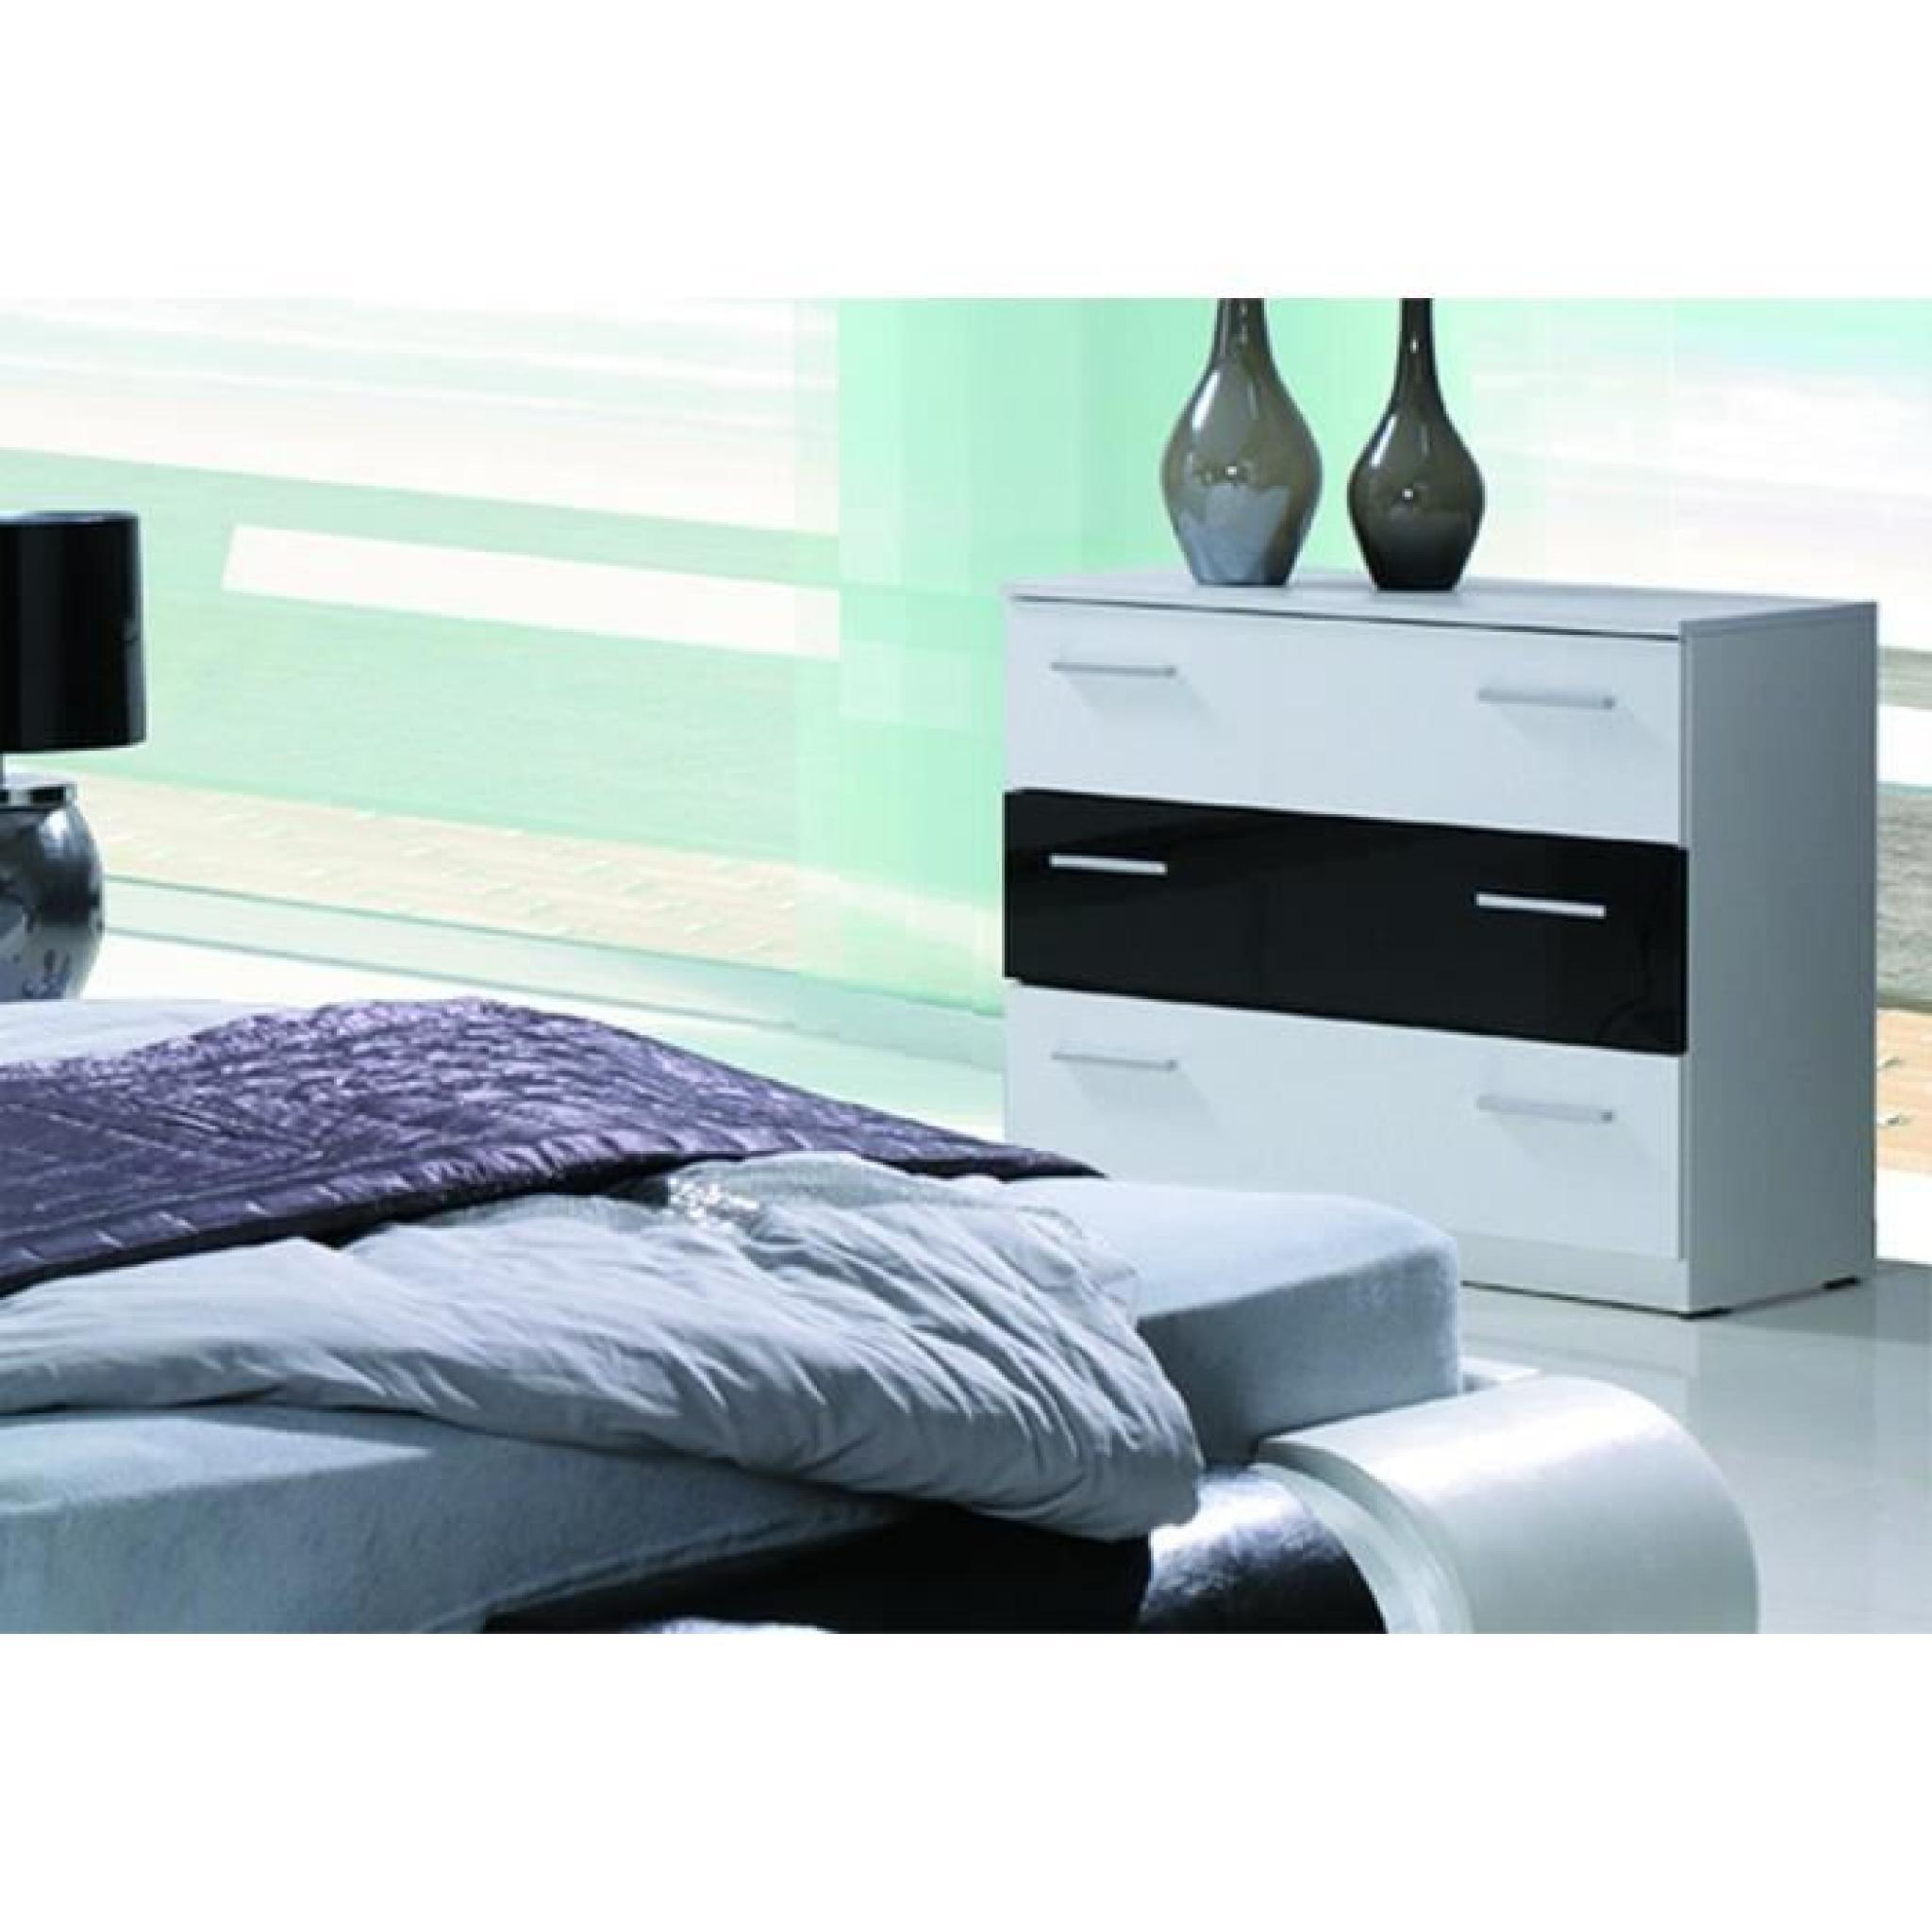 Ensemble Meubles Design Pour Chambre Coucher Texas Blanc Et Noir  # Meuble Blanc Et Noir